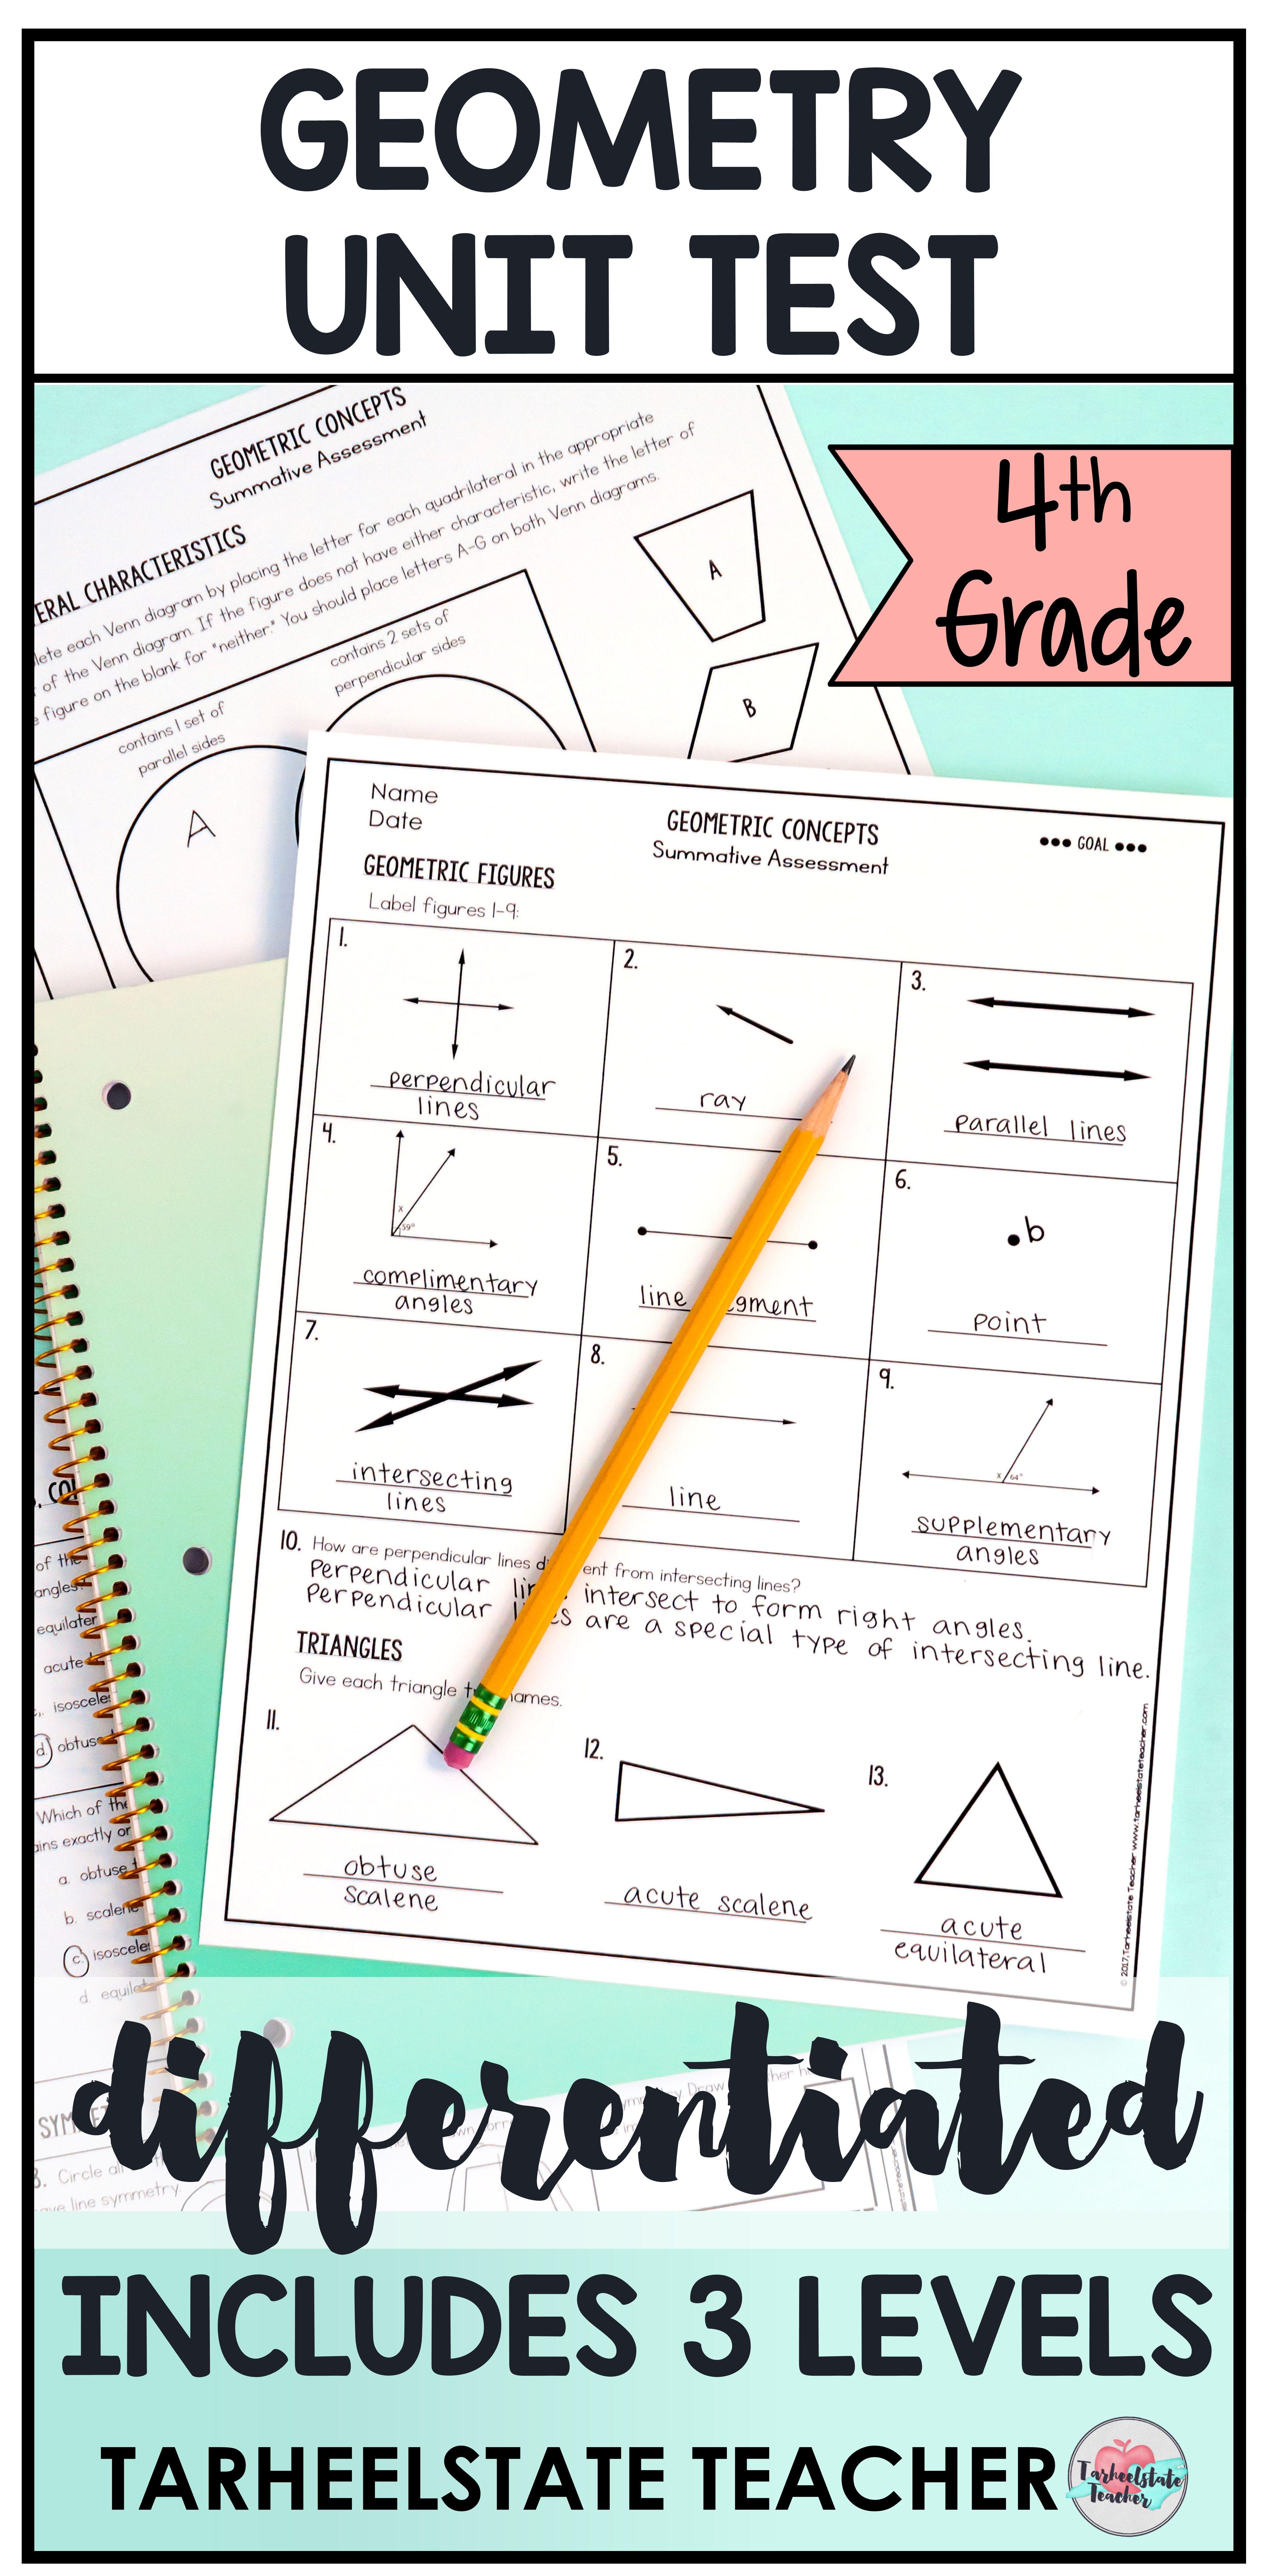 hight resolution of Pin on Tarheelstate Teacher Resources